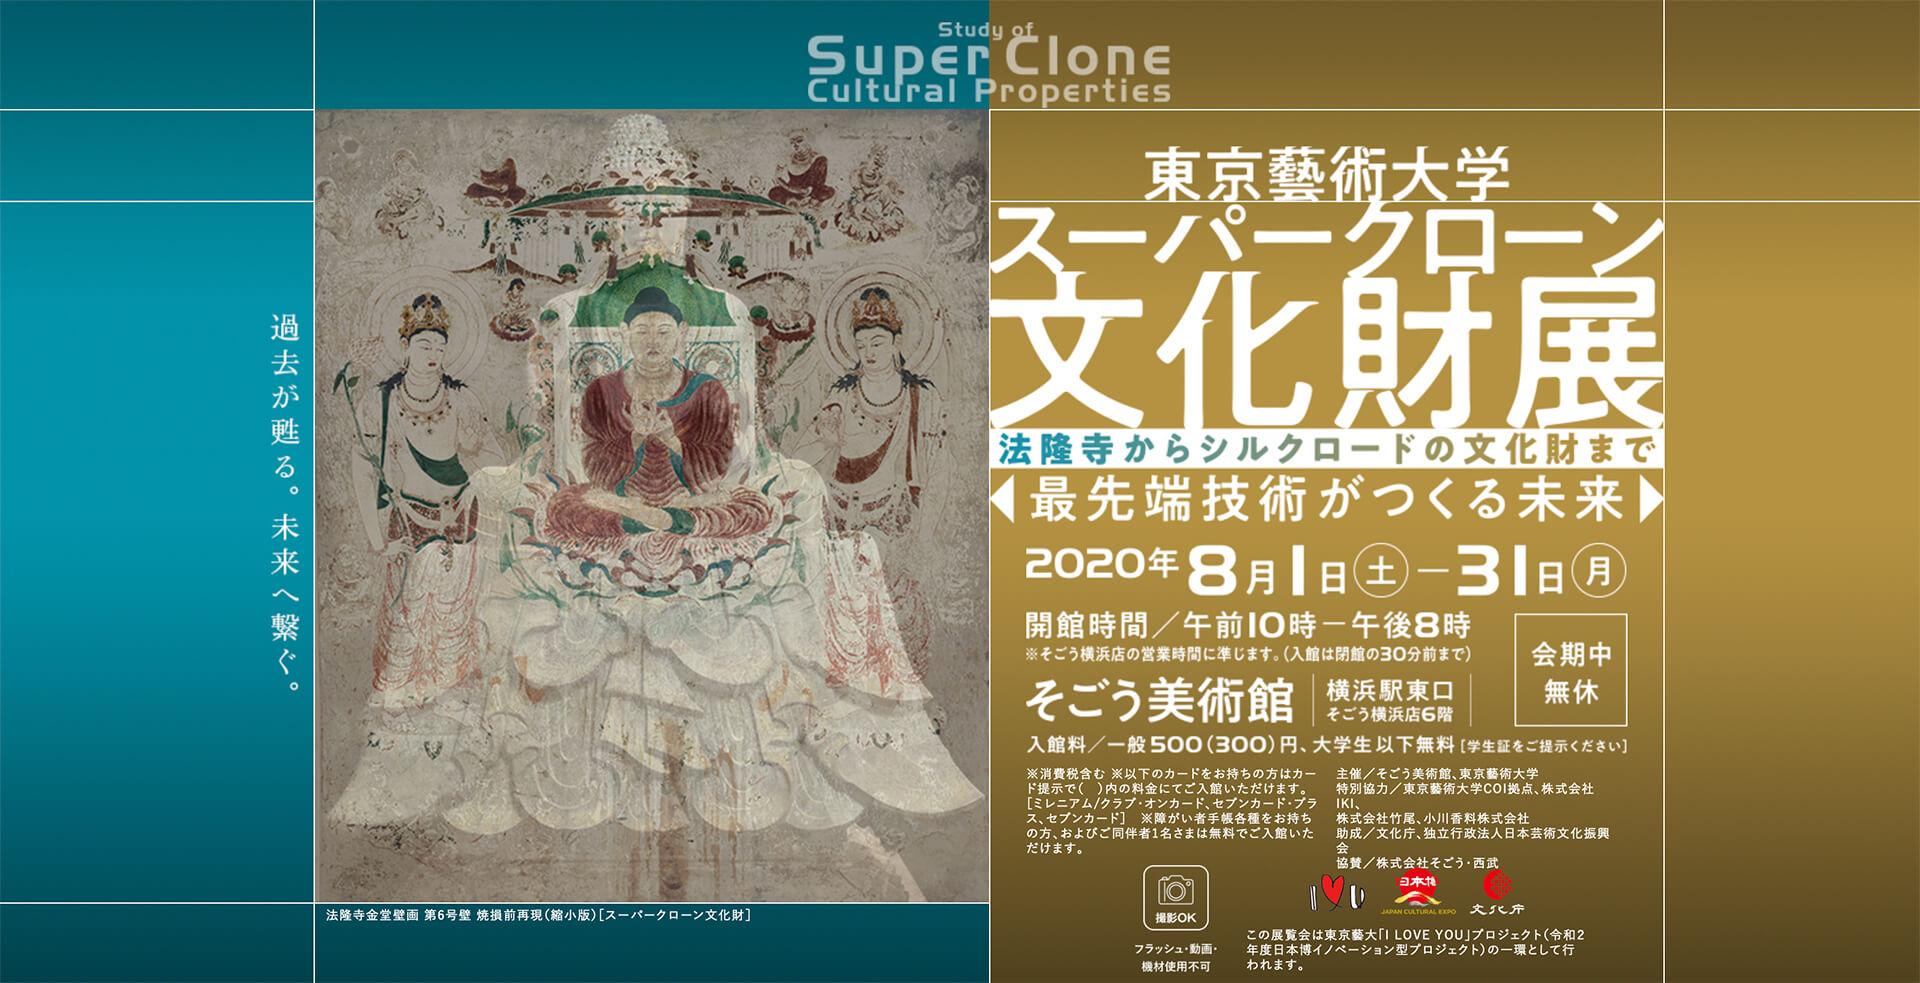 【そごう美術館】東京藝術大学スーパークローン文化財展